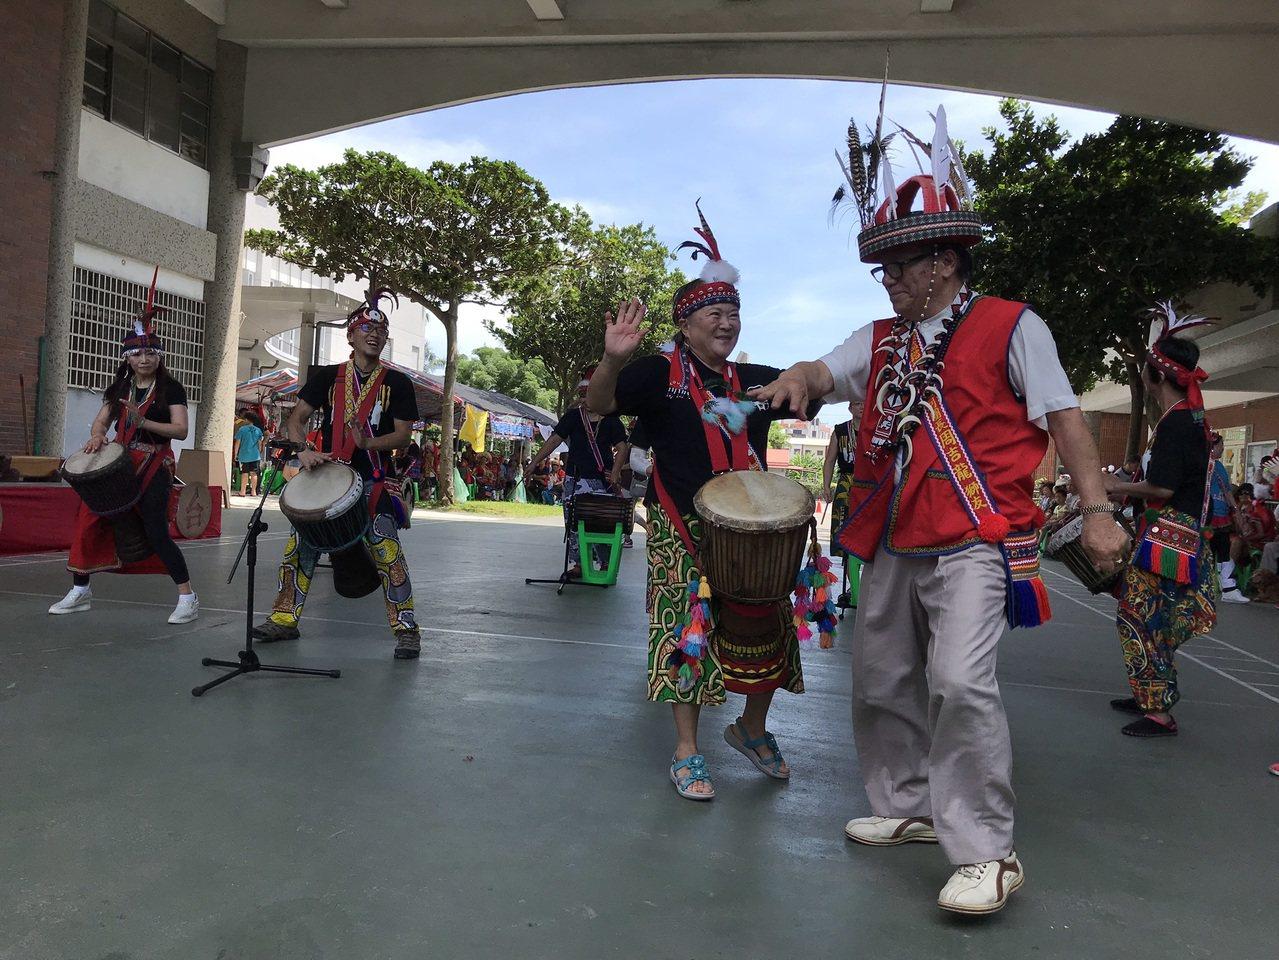 來自台北的「啪哩啪哩」非洲鼓舞團今在花蓮市阿美族吉寶竿部落豐年祭演出,部落族人大...